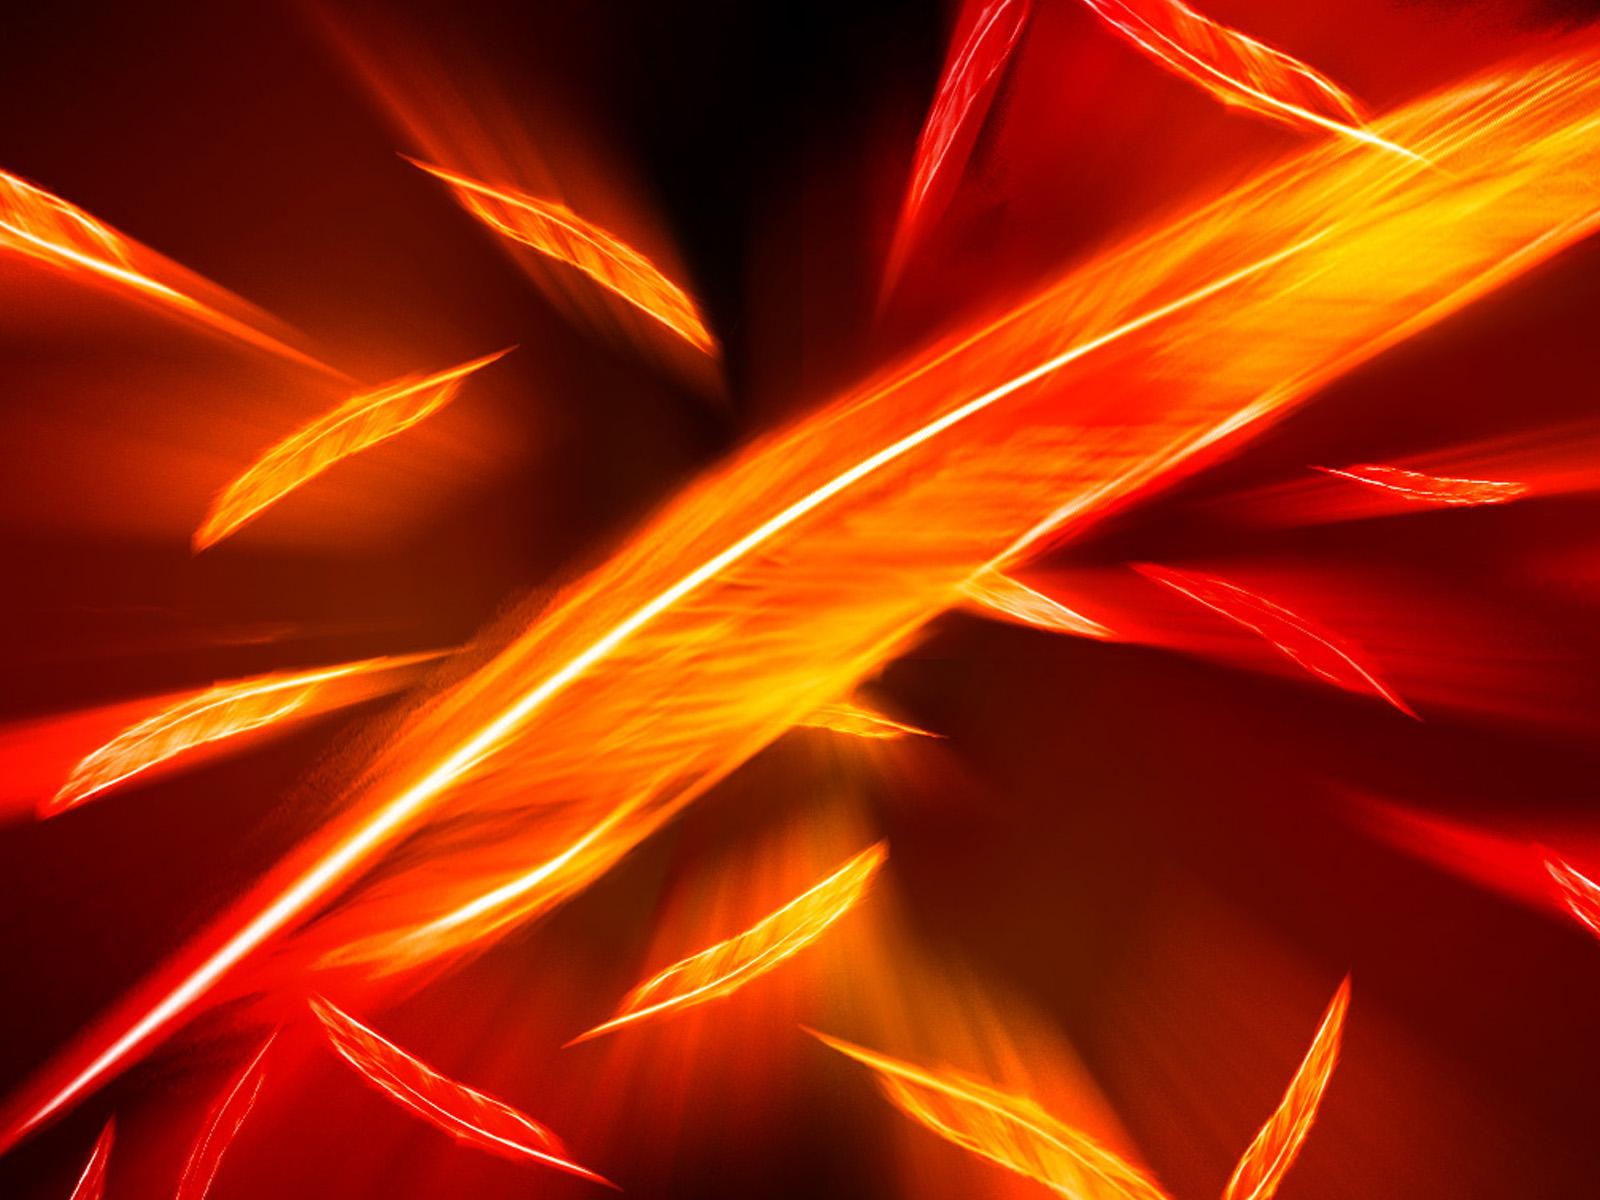 Phoenix Feathers by Steve2032 1600x1200